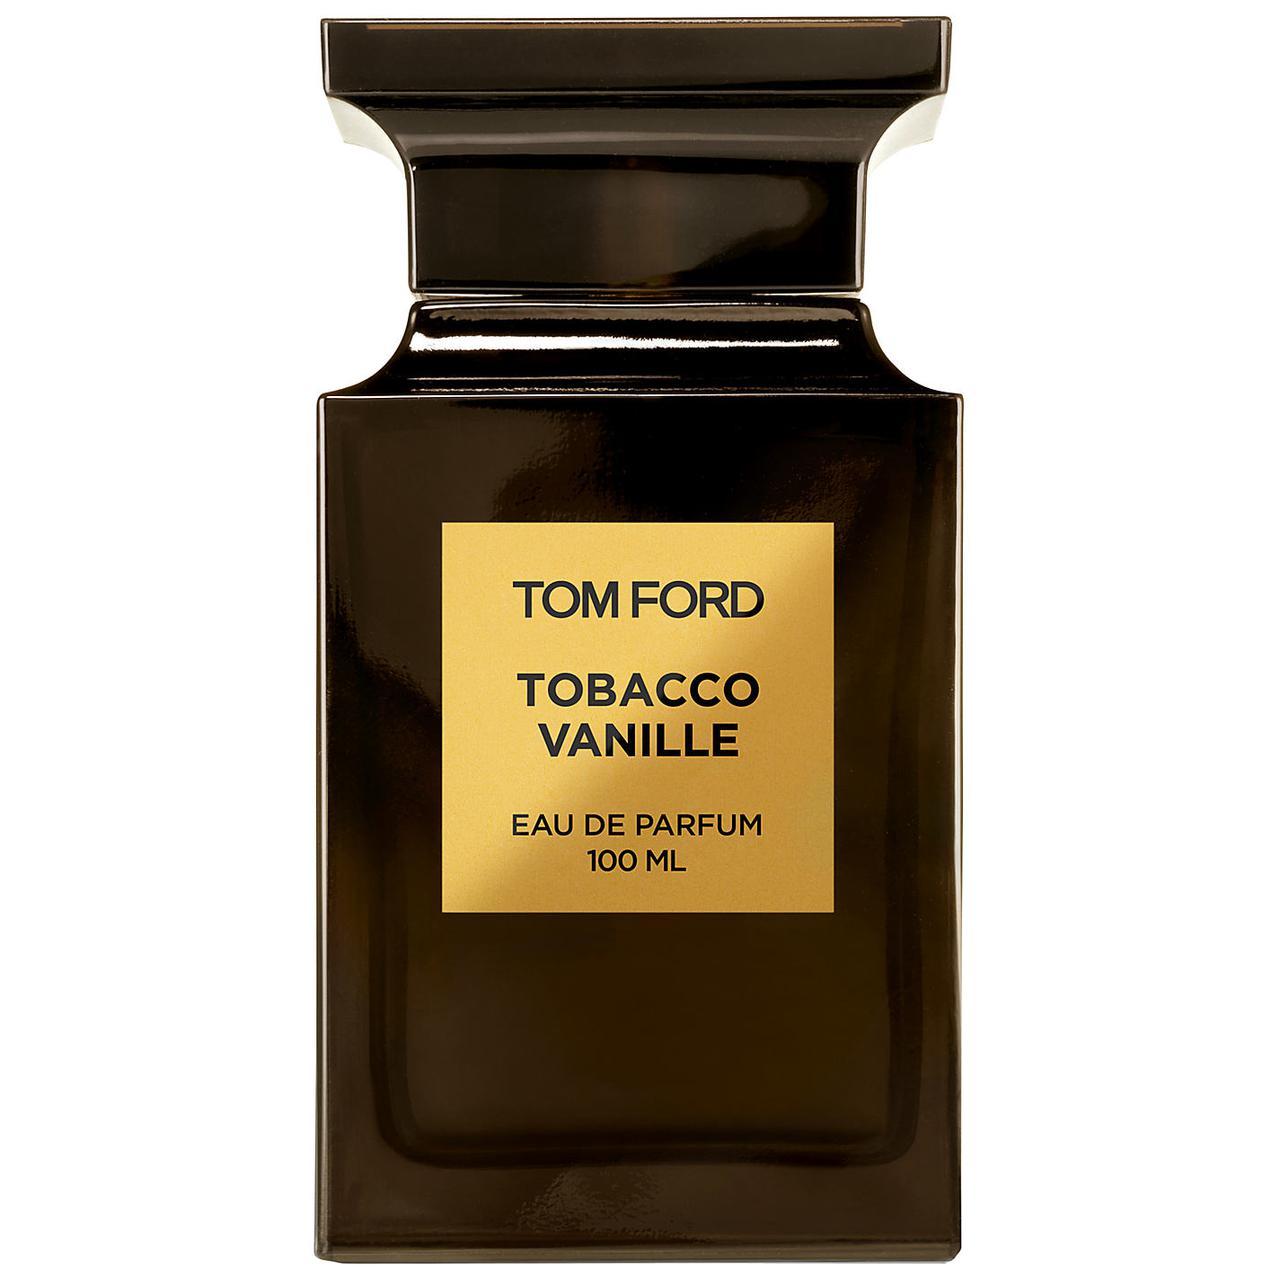 Парфюмированная вода Tom Ford Tobacco Vanille 100ml унисекс  реплика